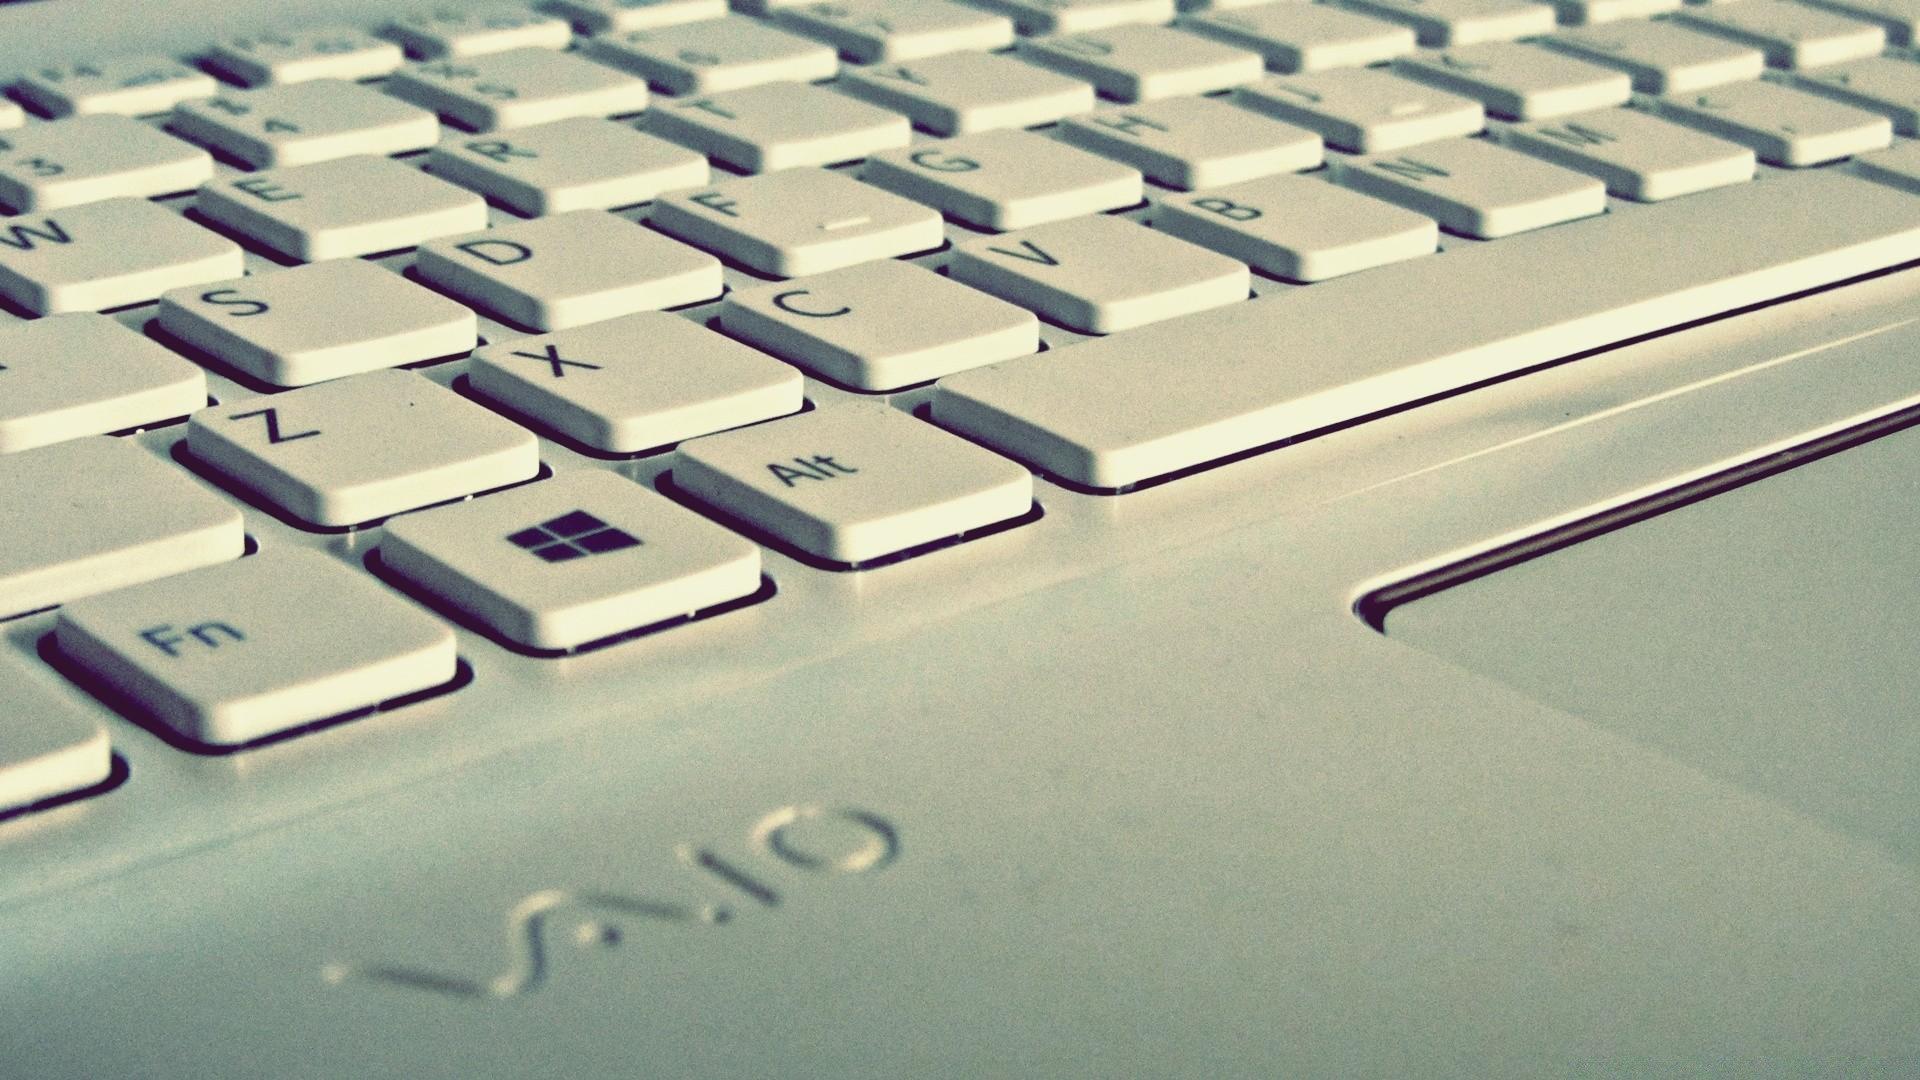 Скачать Обои На Клавиатуру